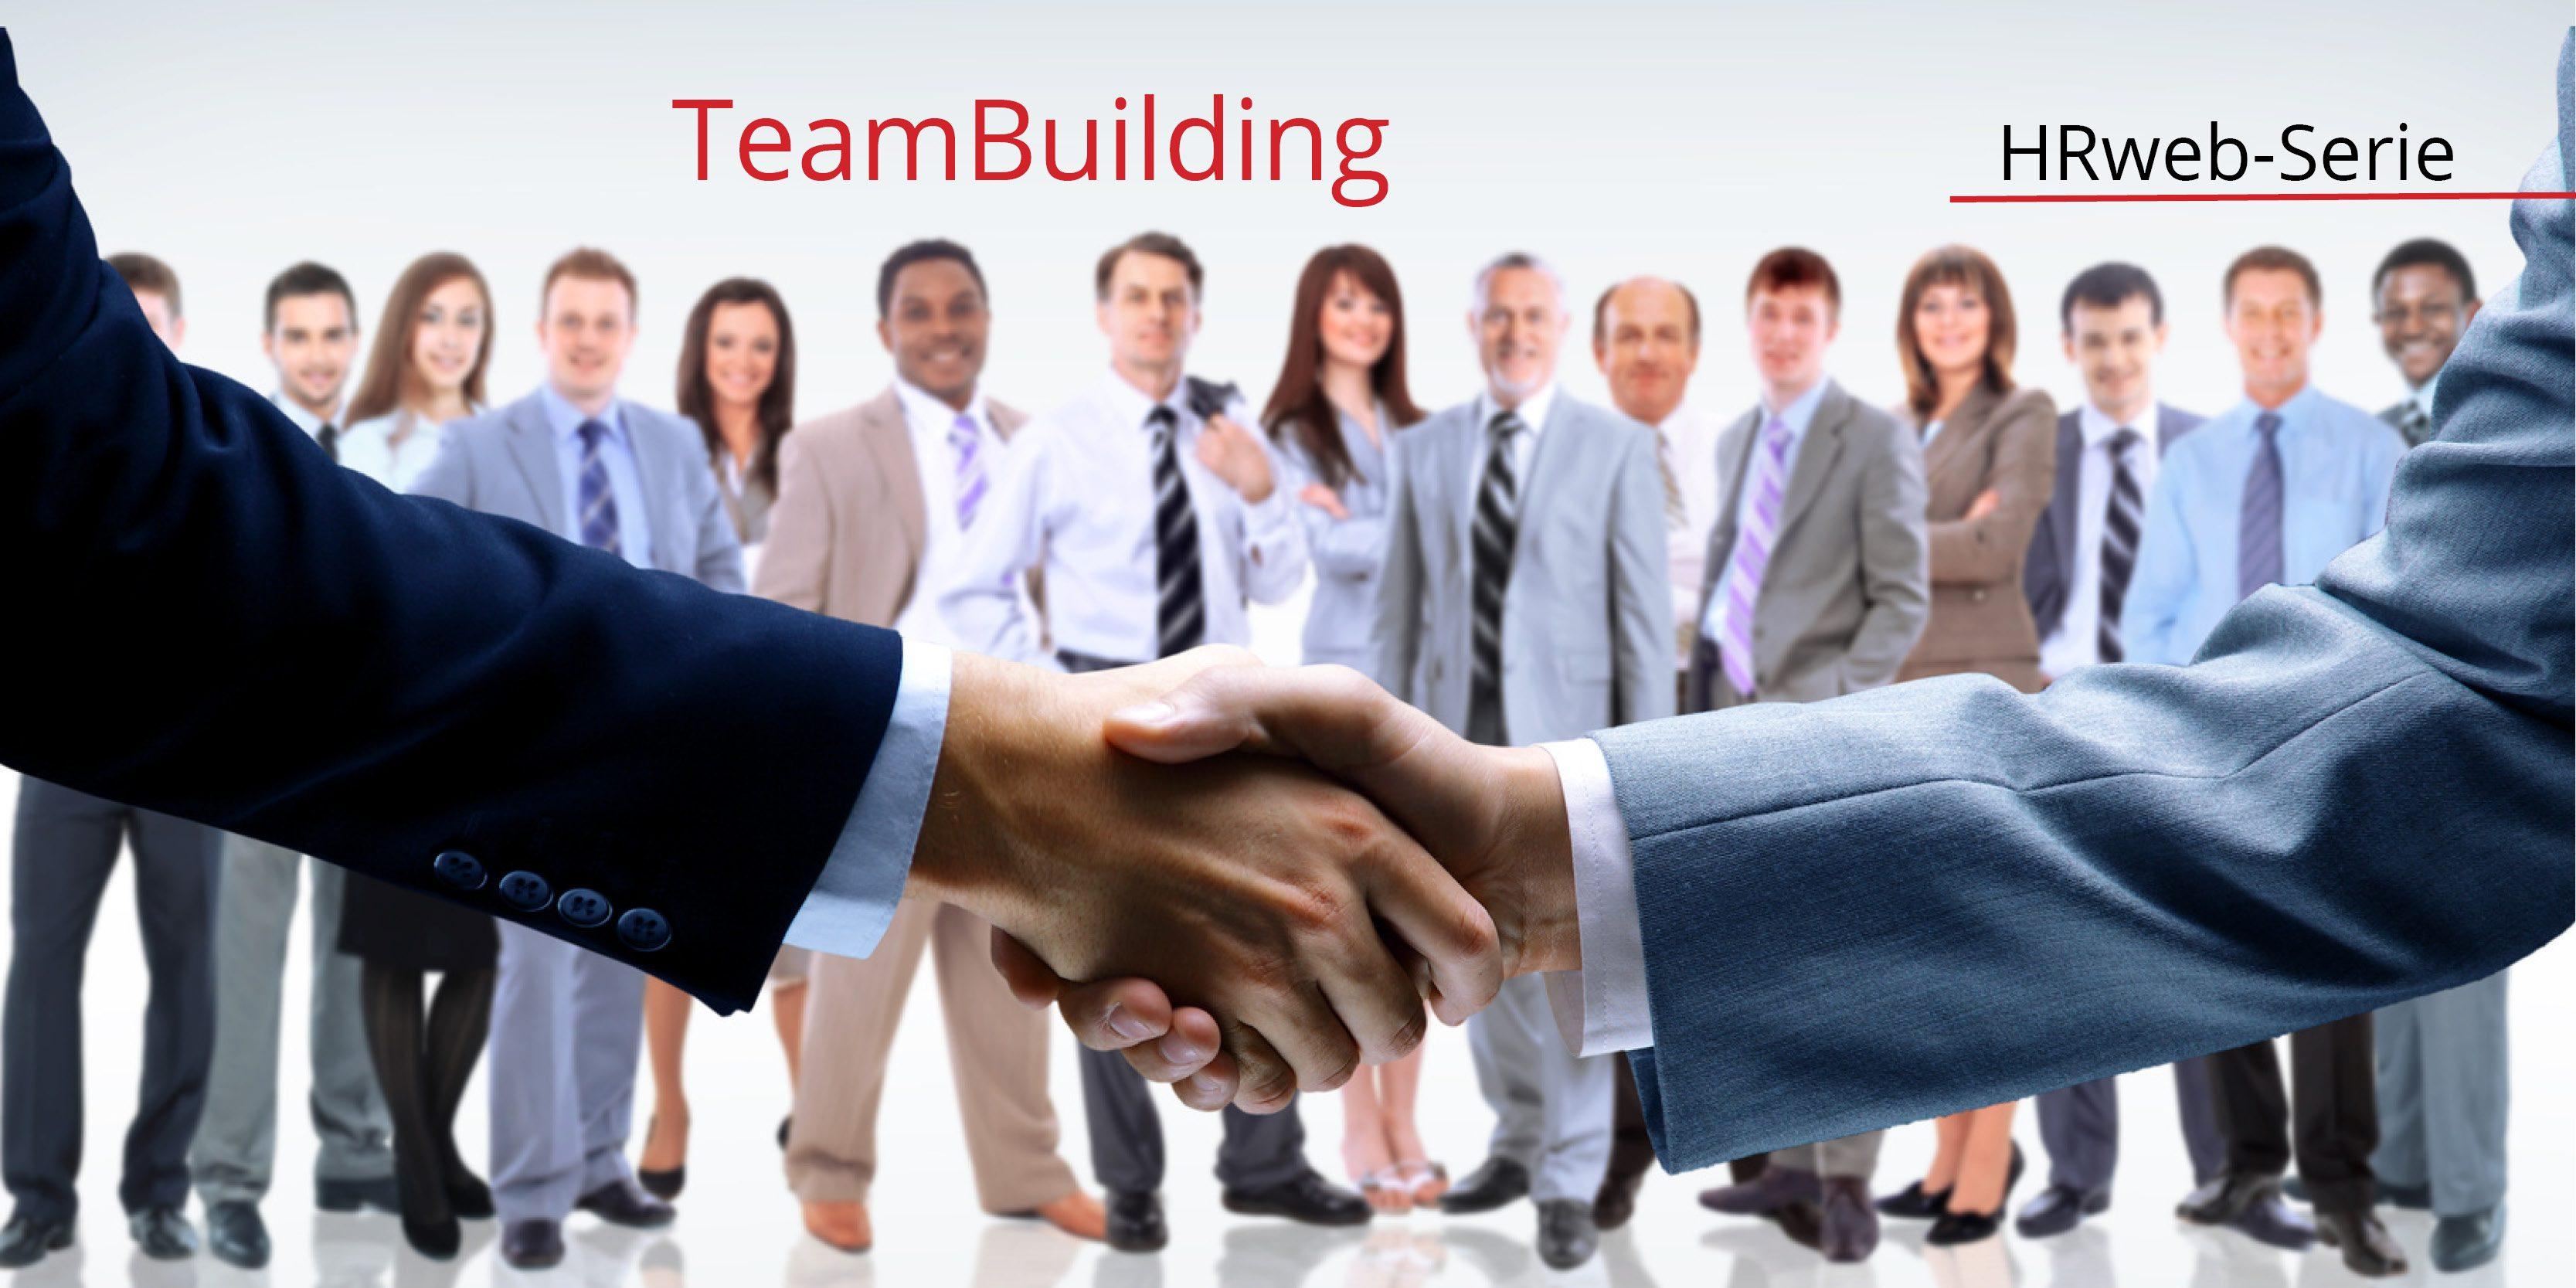 Teambuilding, betriebliche Gesundheitsförderung Österreich